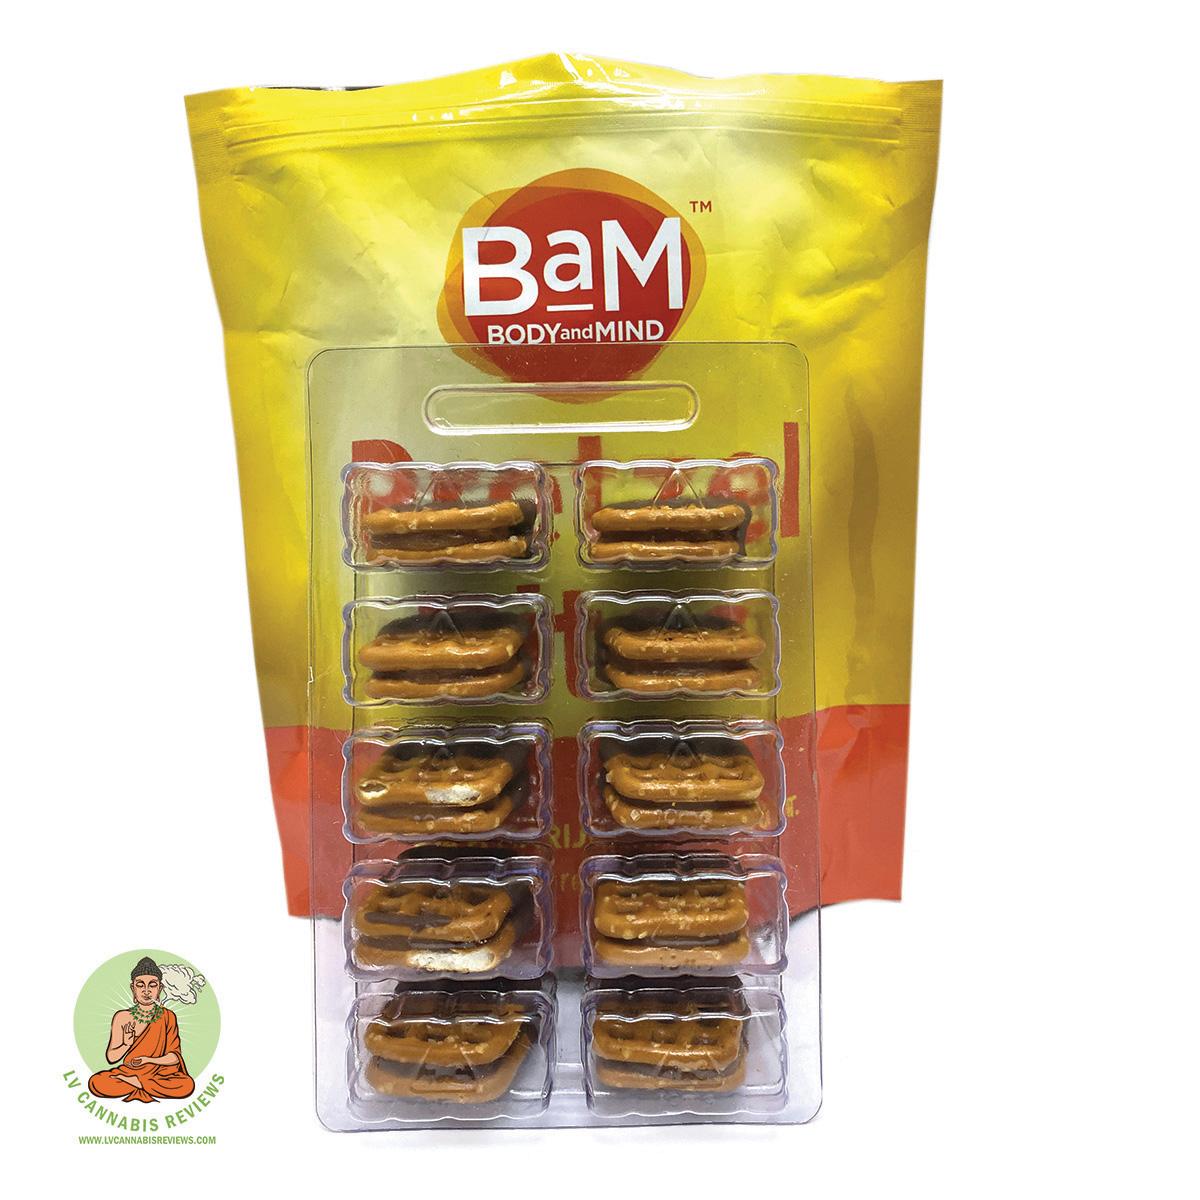 BaM Caramel & Chocolate Pretzel Bites Review December 2019 Planet 13 Dispensary